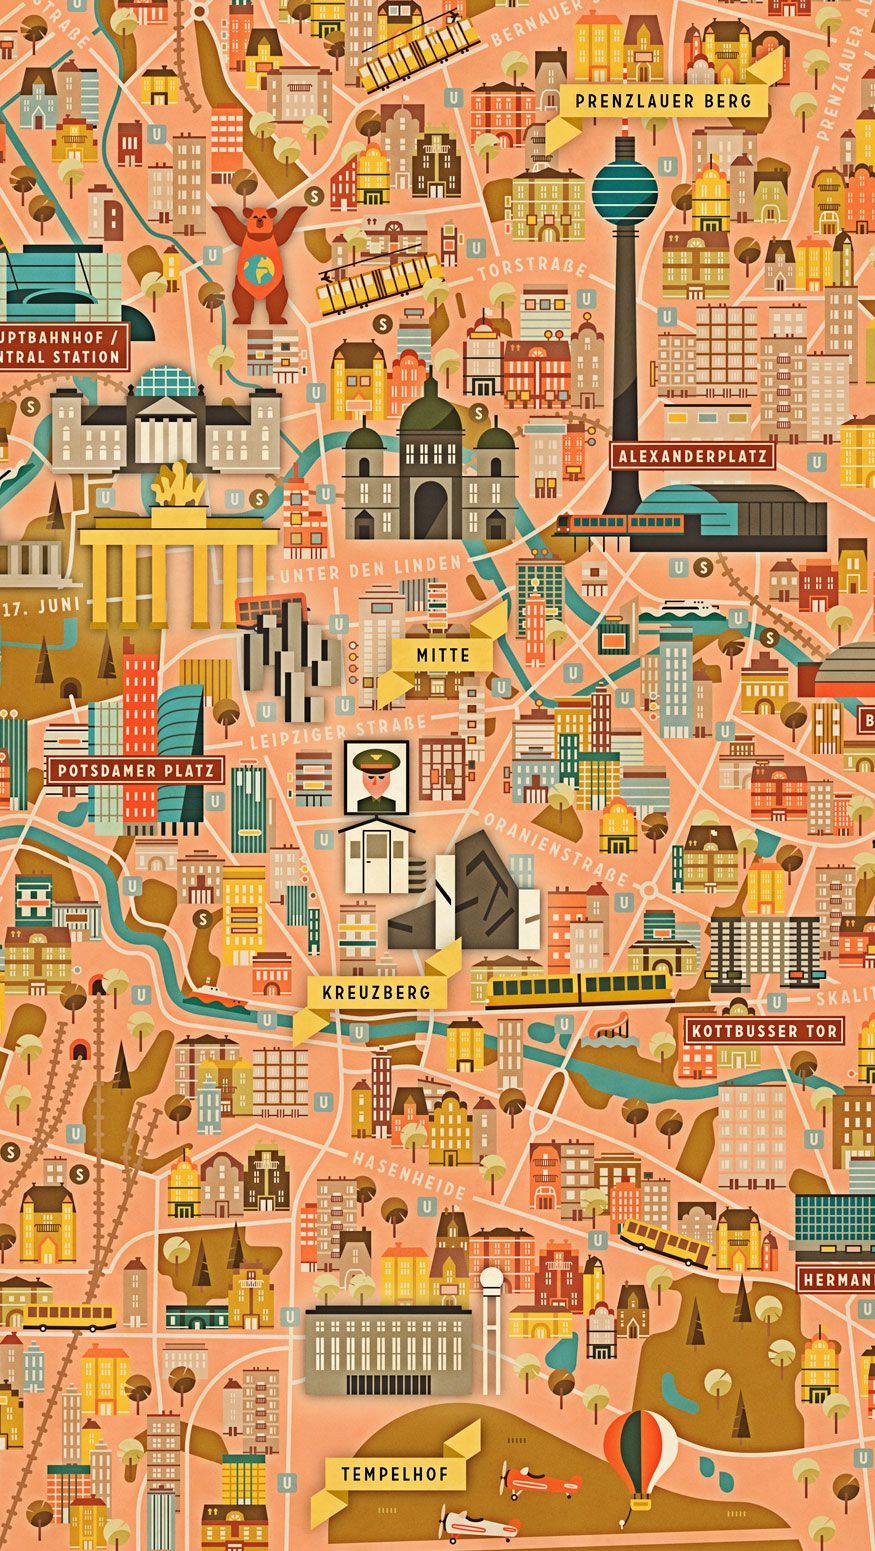 Berlin Map Illustrierte Karten Reisekarten Stadtfuhrung